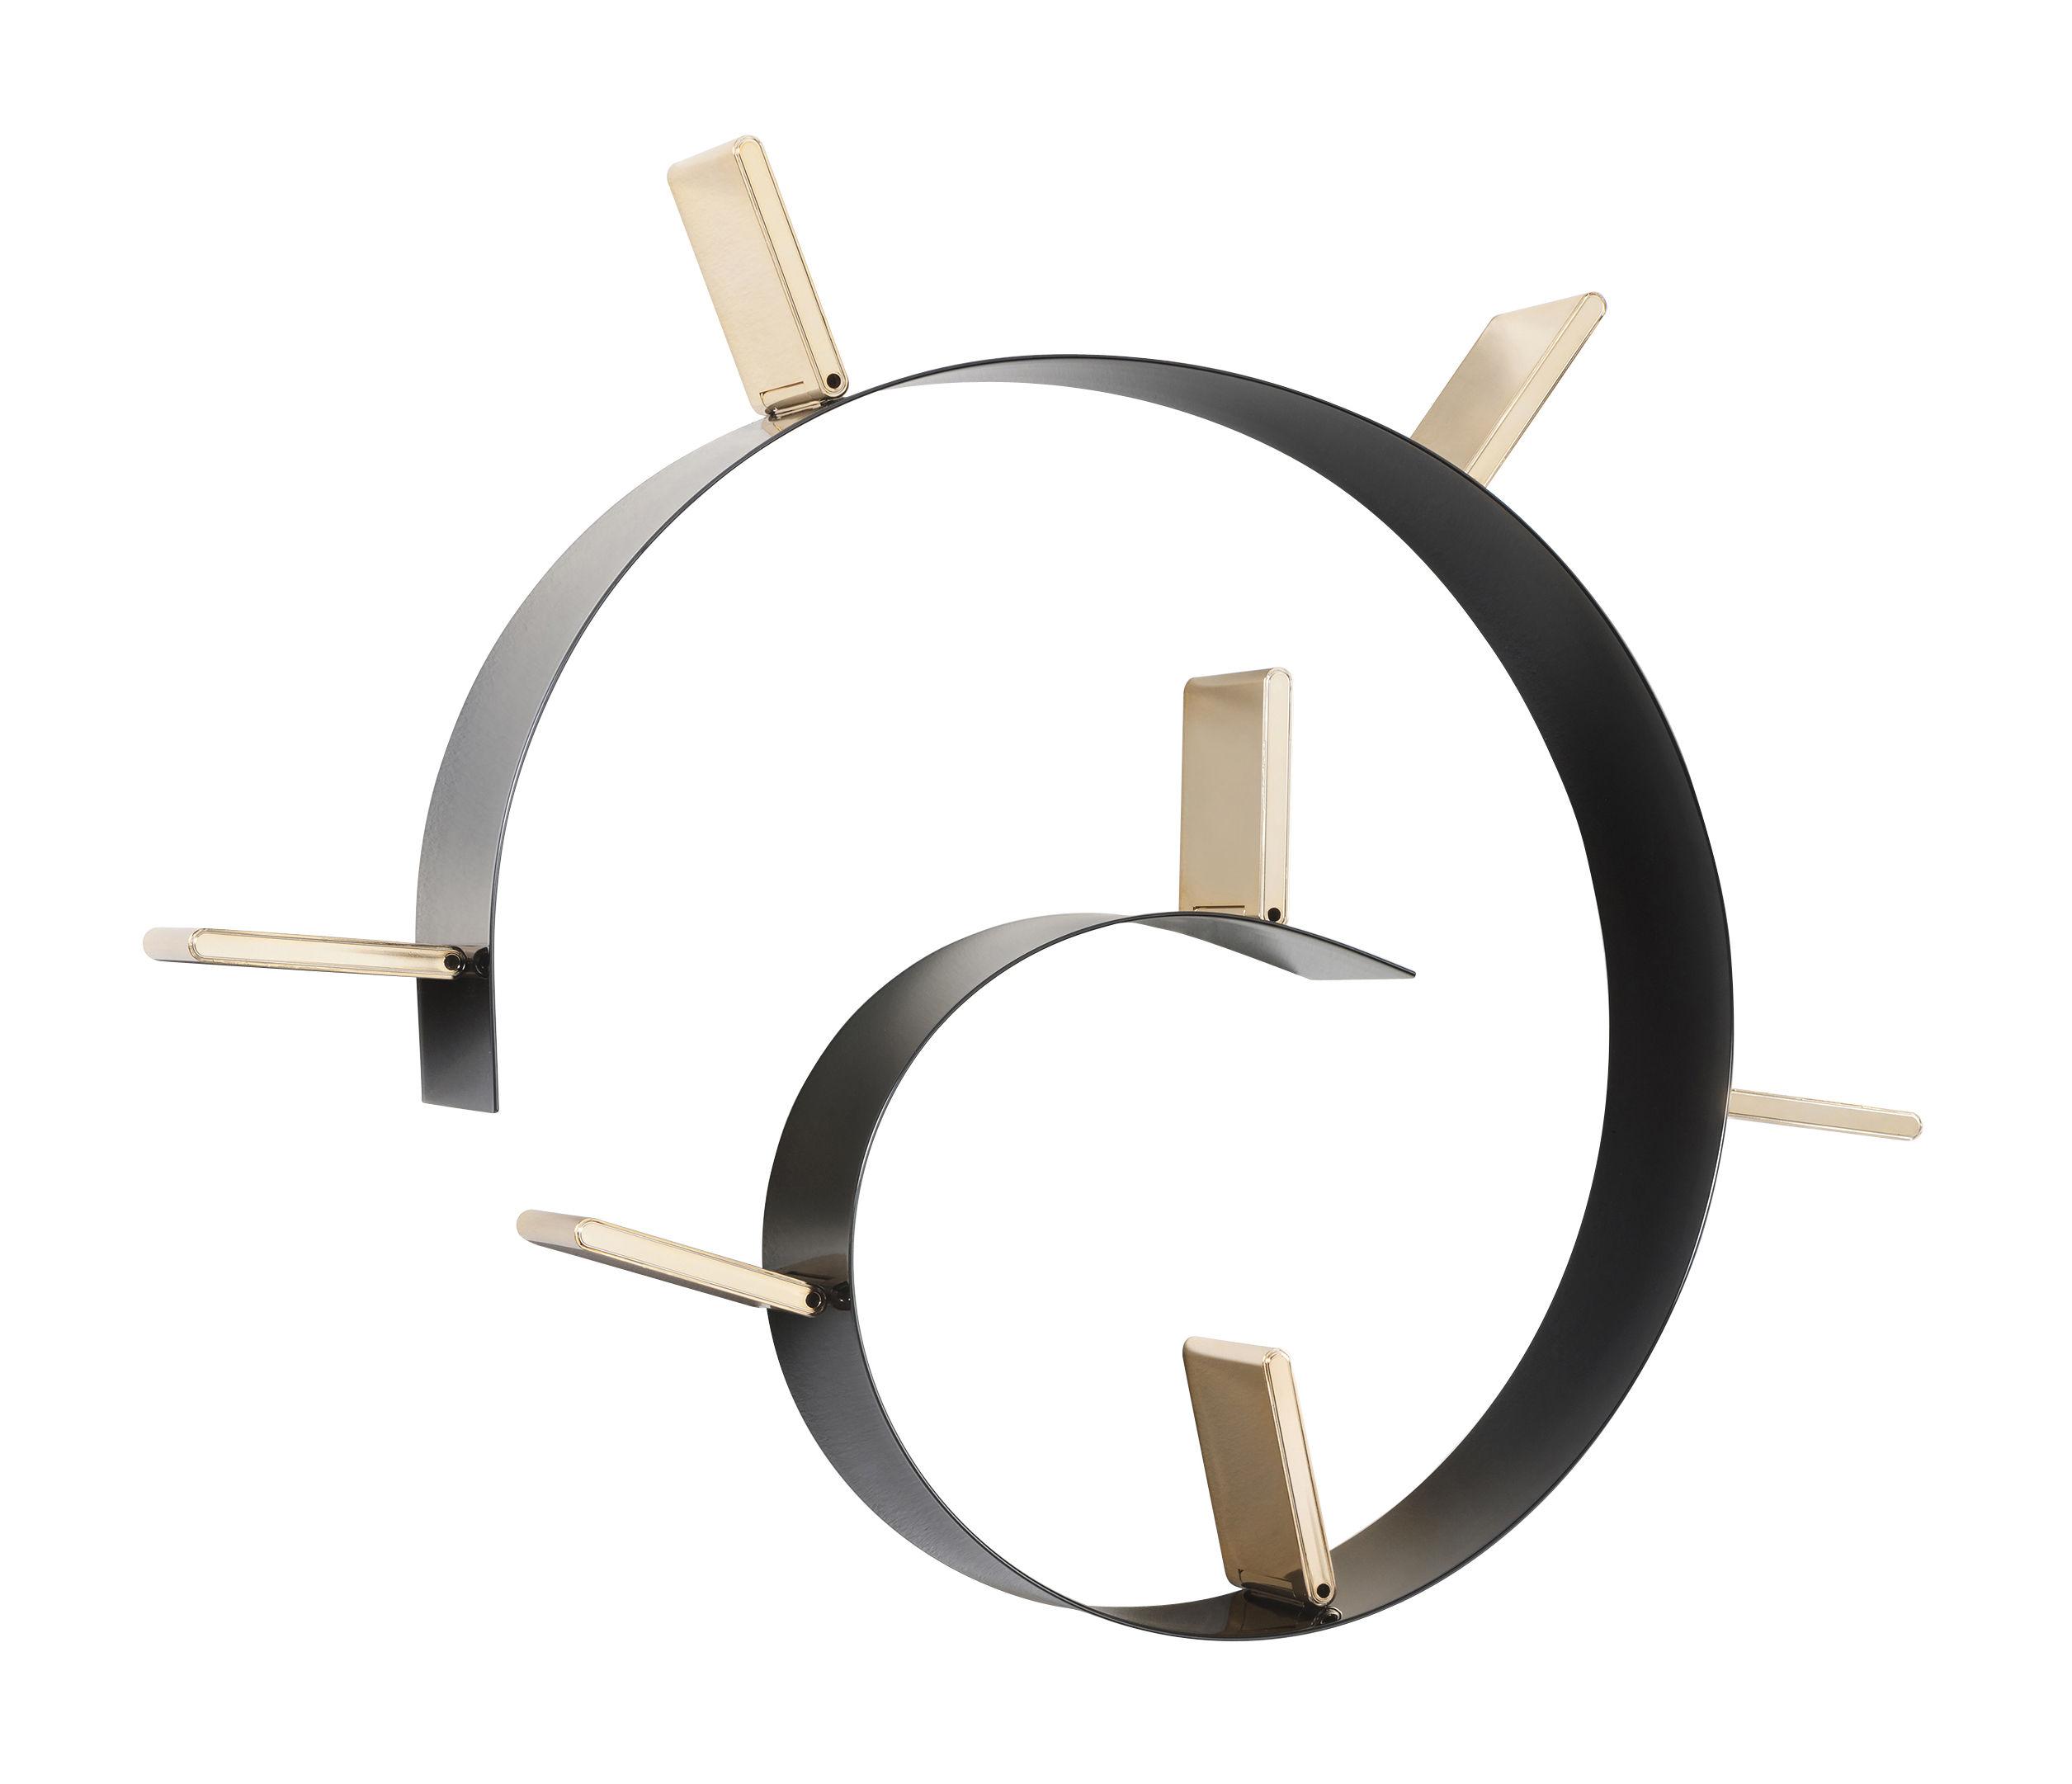 etag re popworm l 320 cm noir or kartell. Black Bedroom Furniture Sets. Home Design Ideas